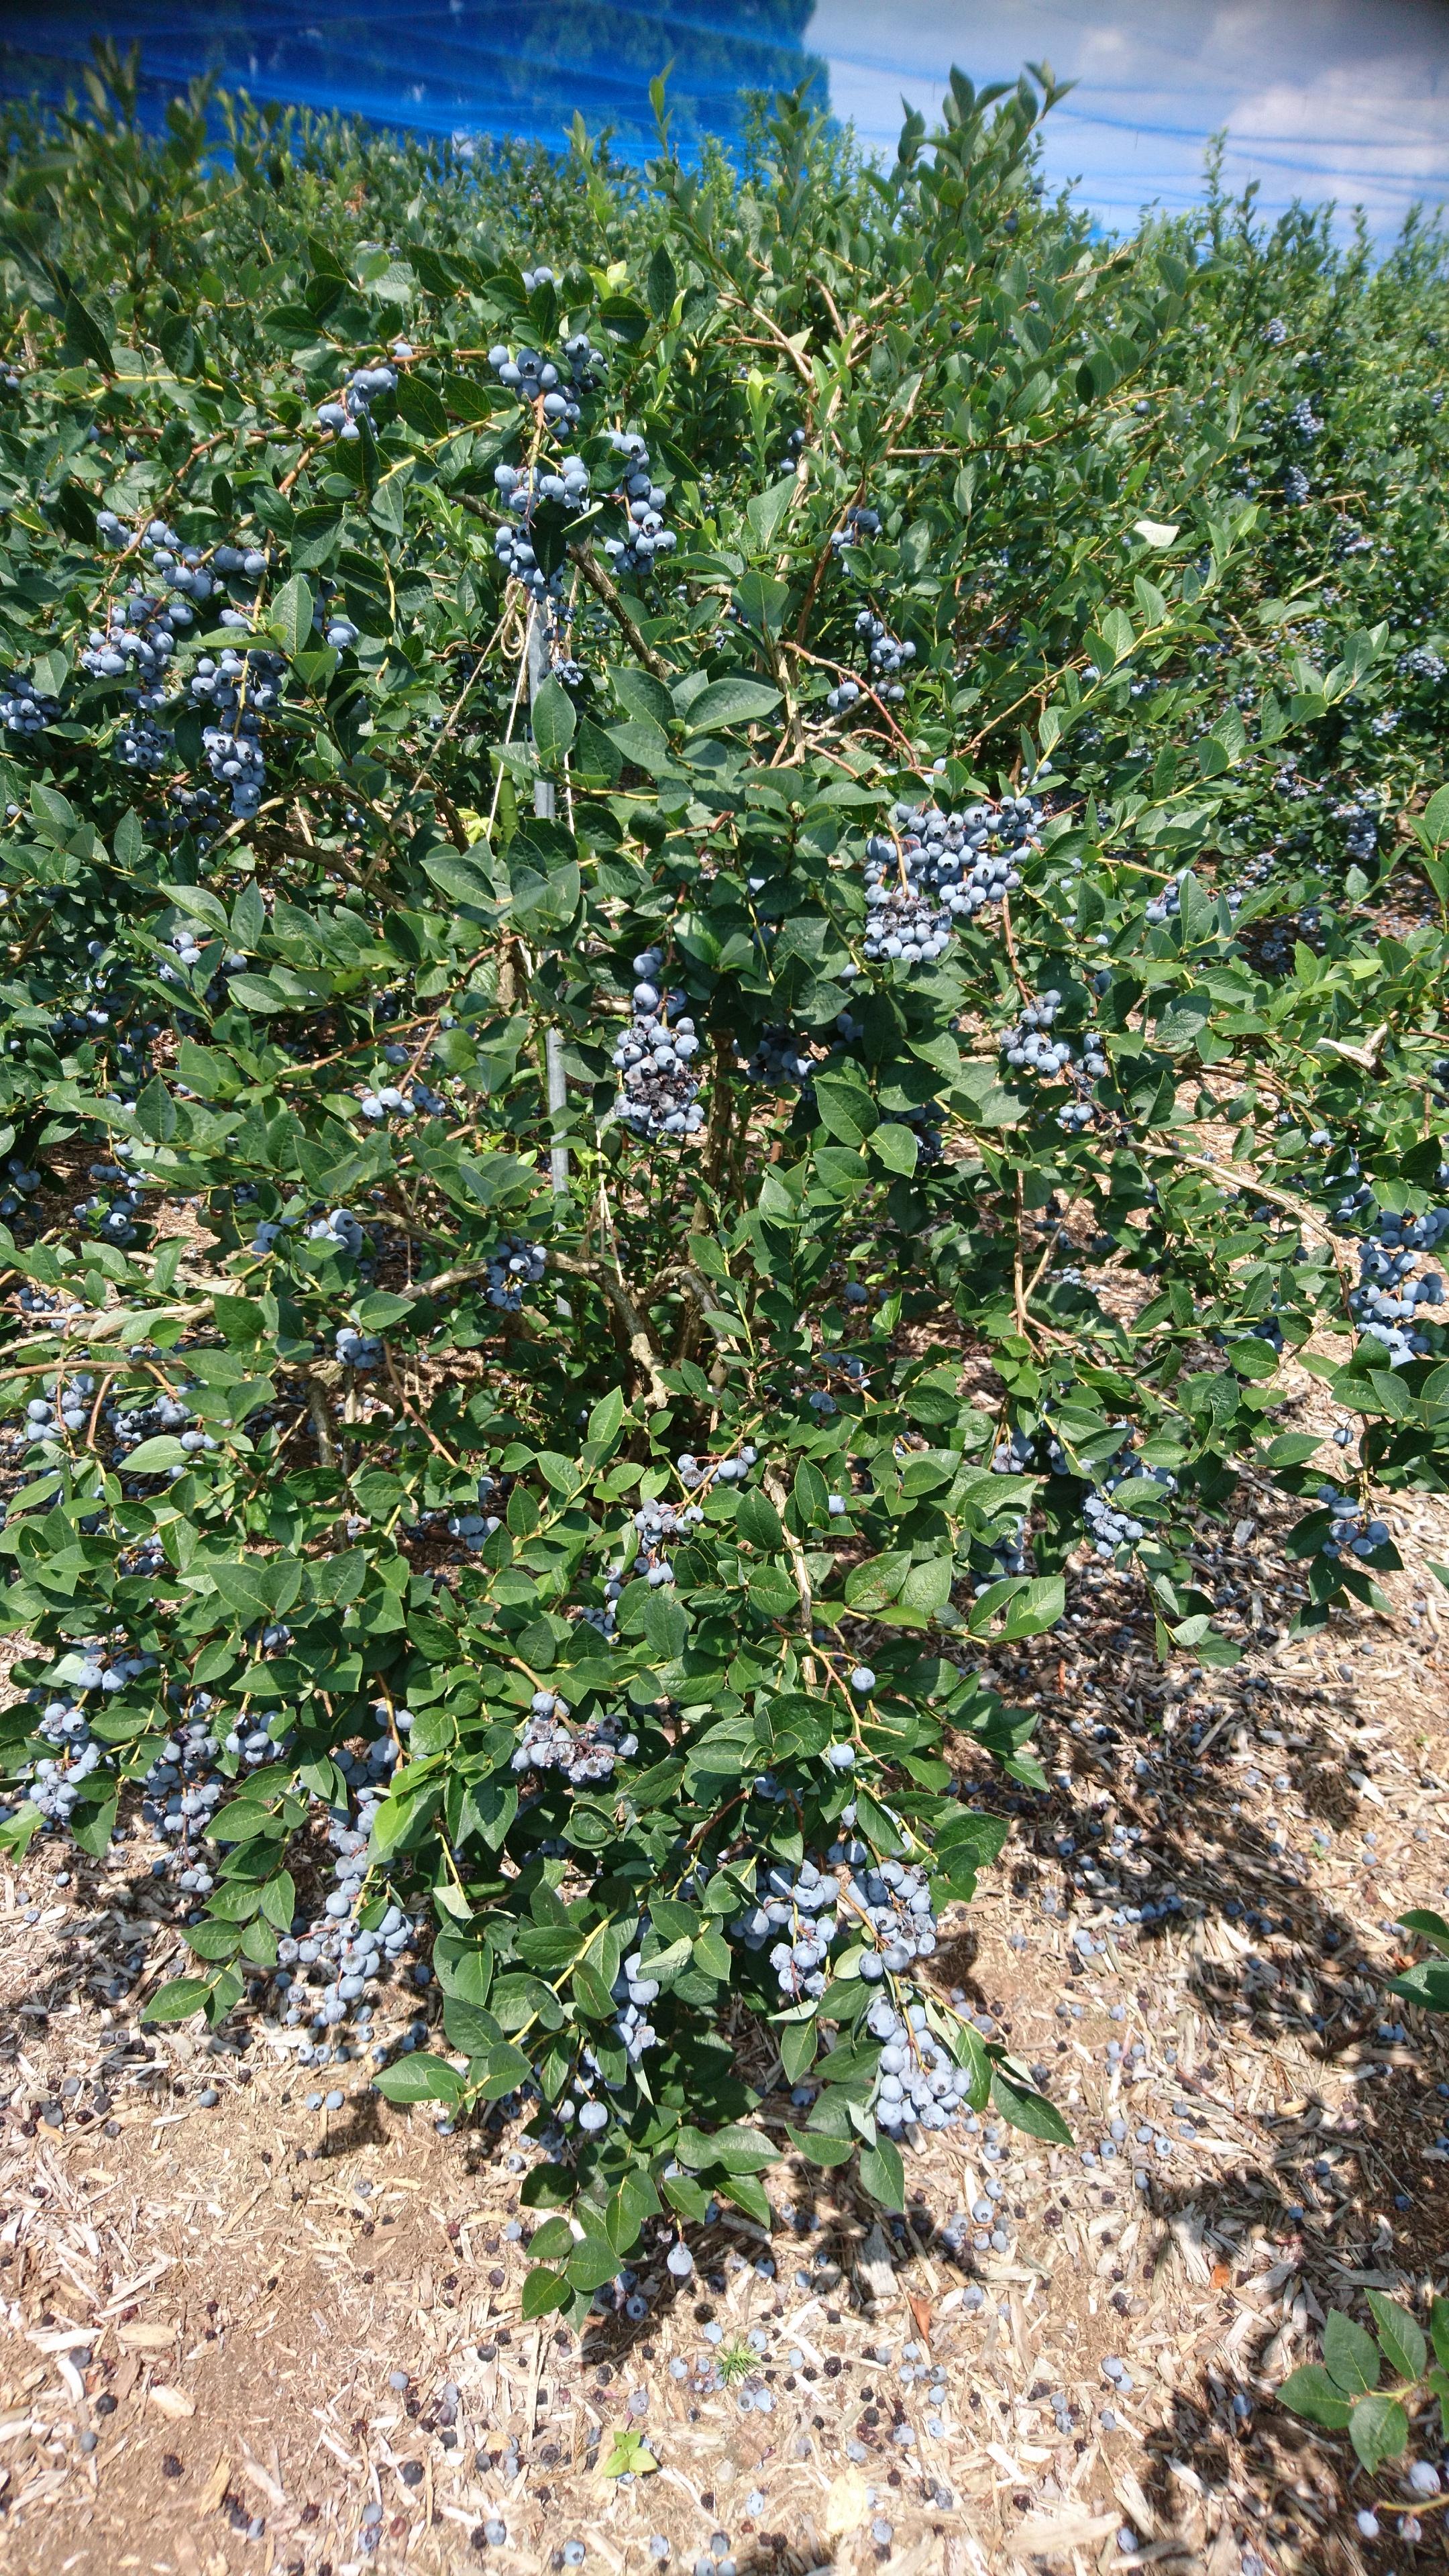 ブルーベリー,武藤農園みづきブルーベリー,能登町,ブルーベリーの木